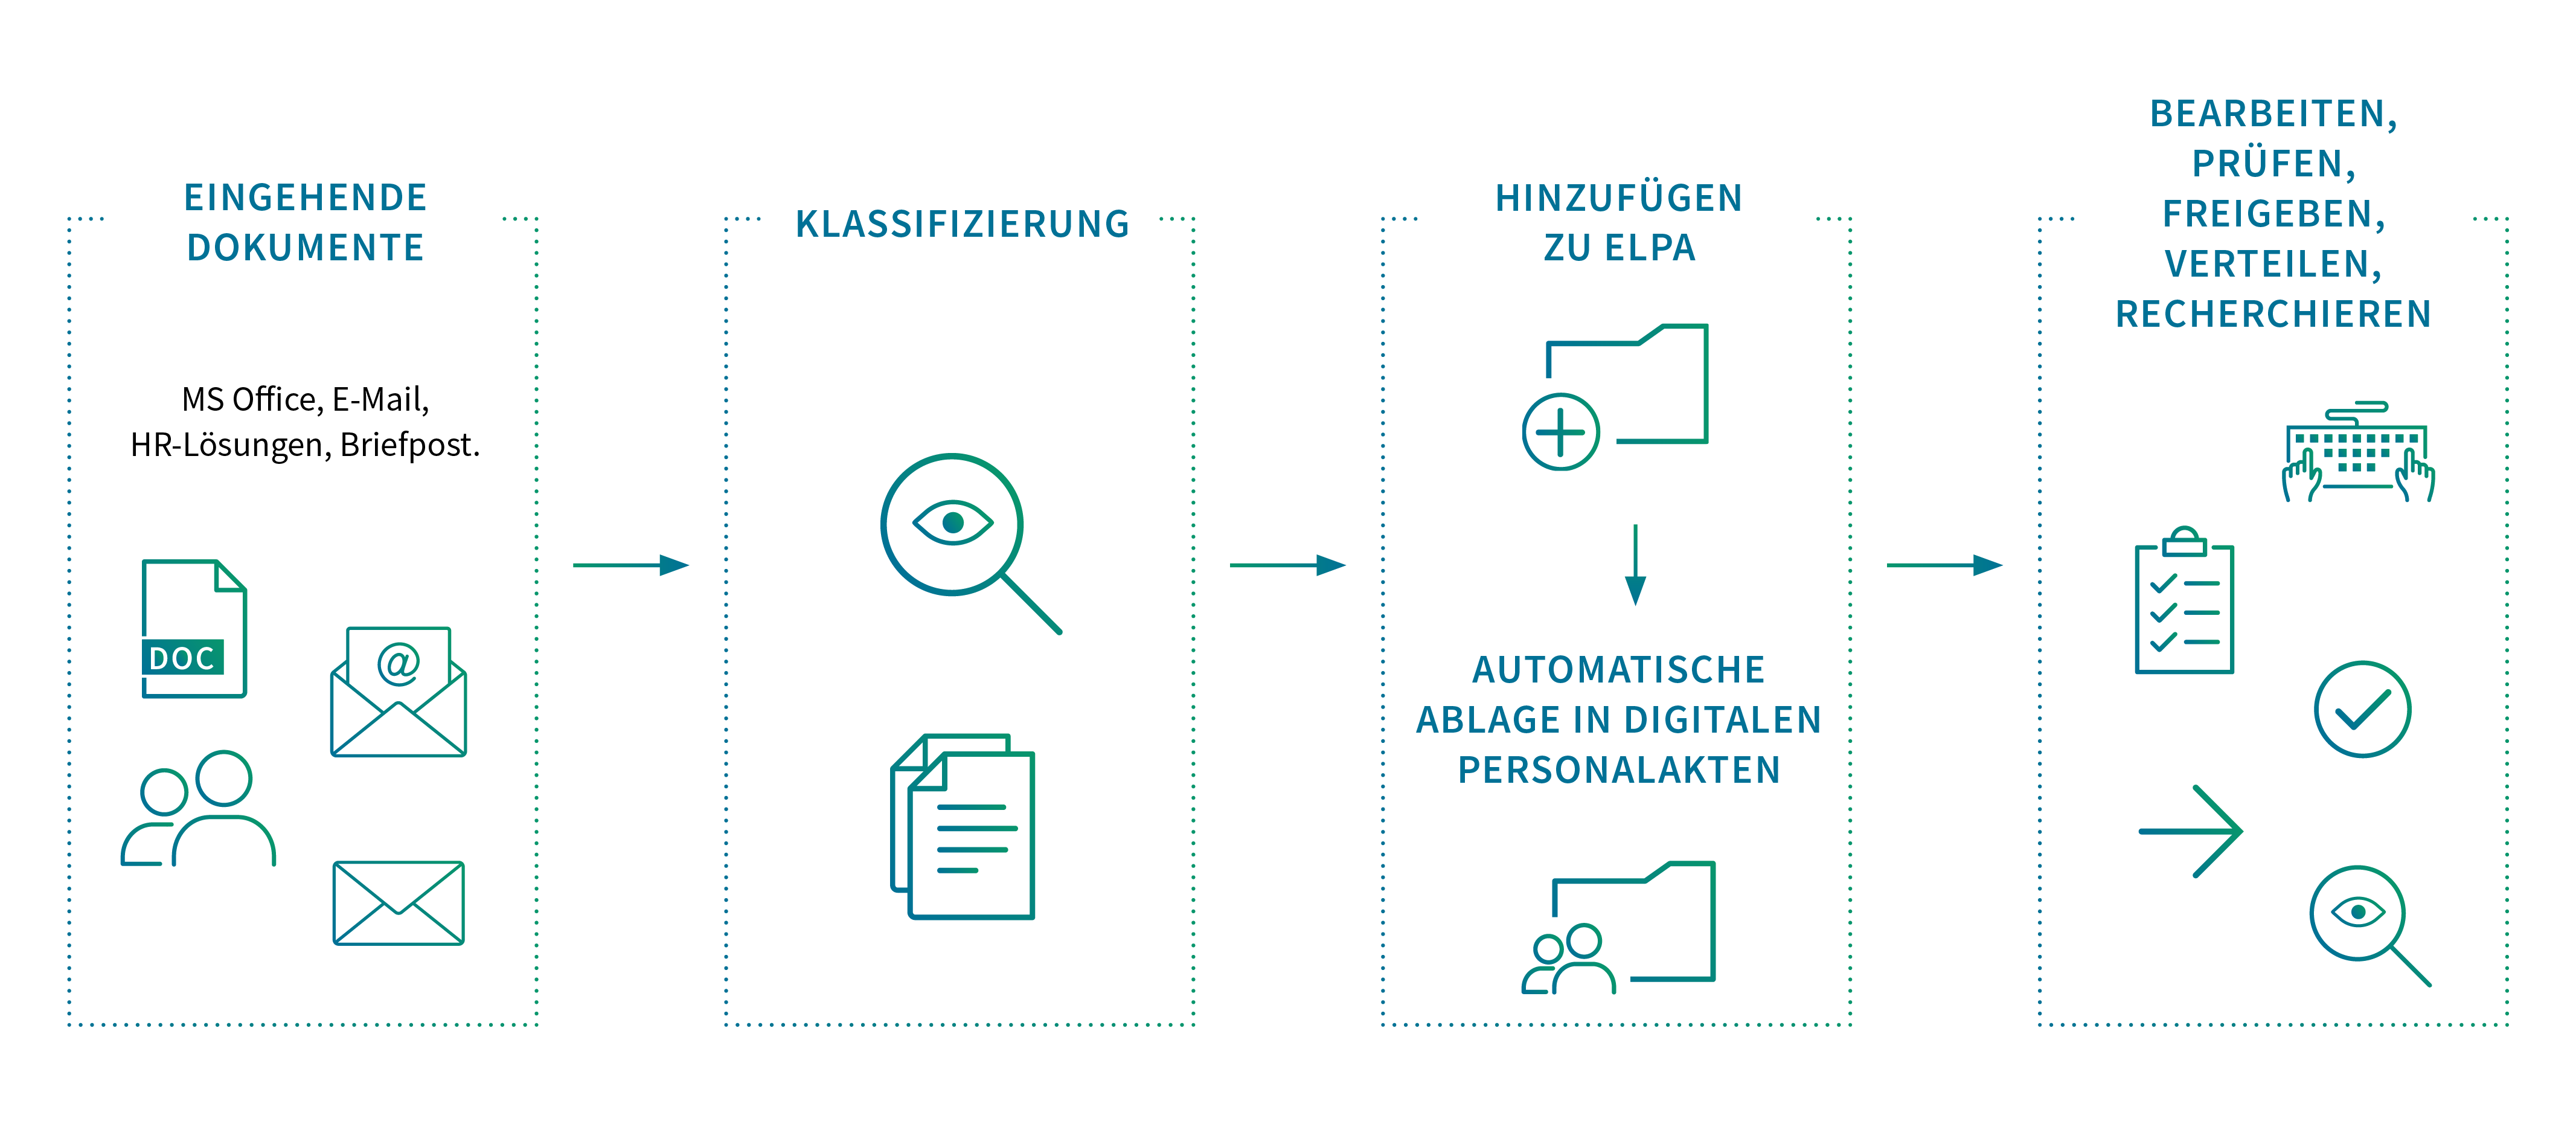 Aktenbildung - vom Dokument zur digitalen Akte